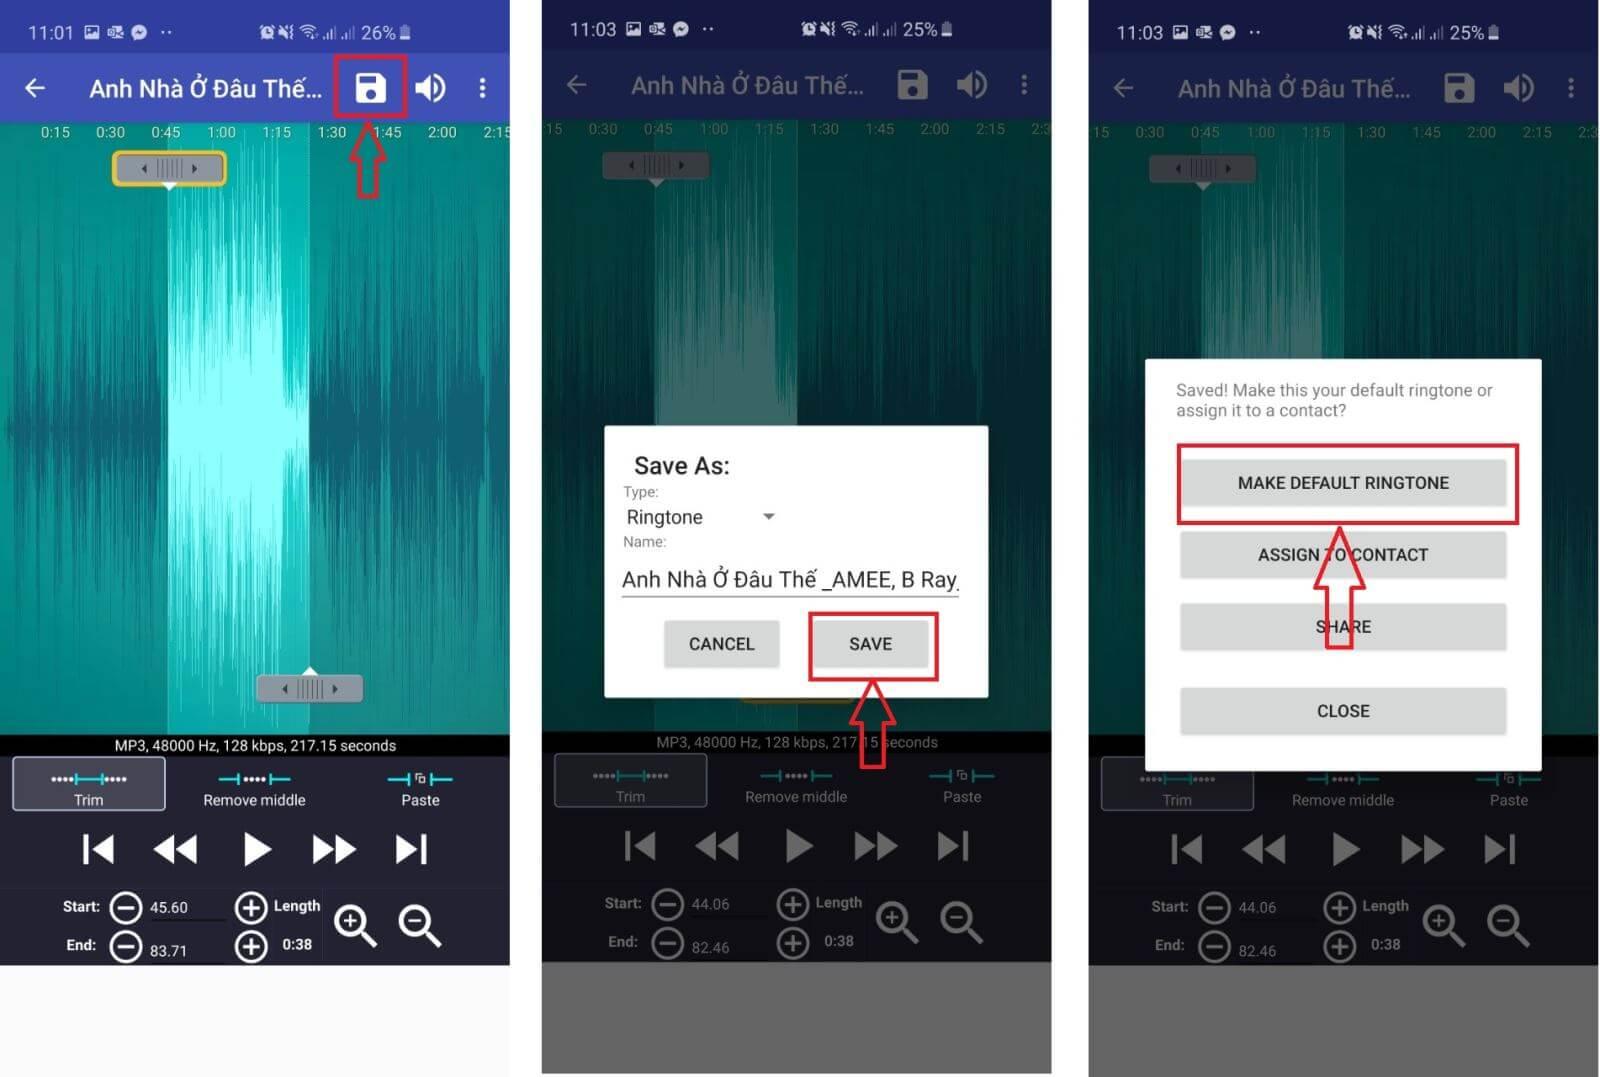 Cách cắt nhạc chuông cho điện thoại bằng ứng dụng Ringtone Maker